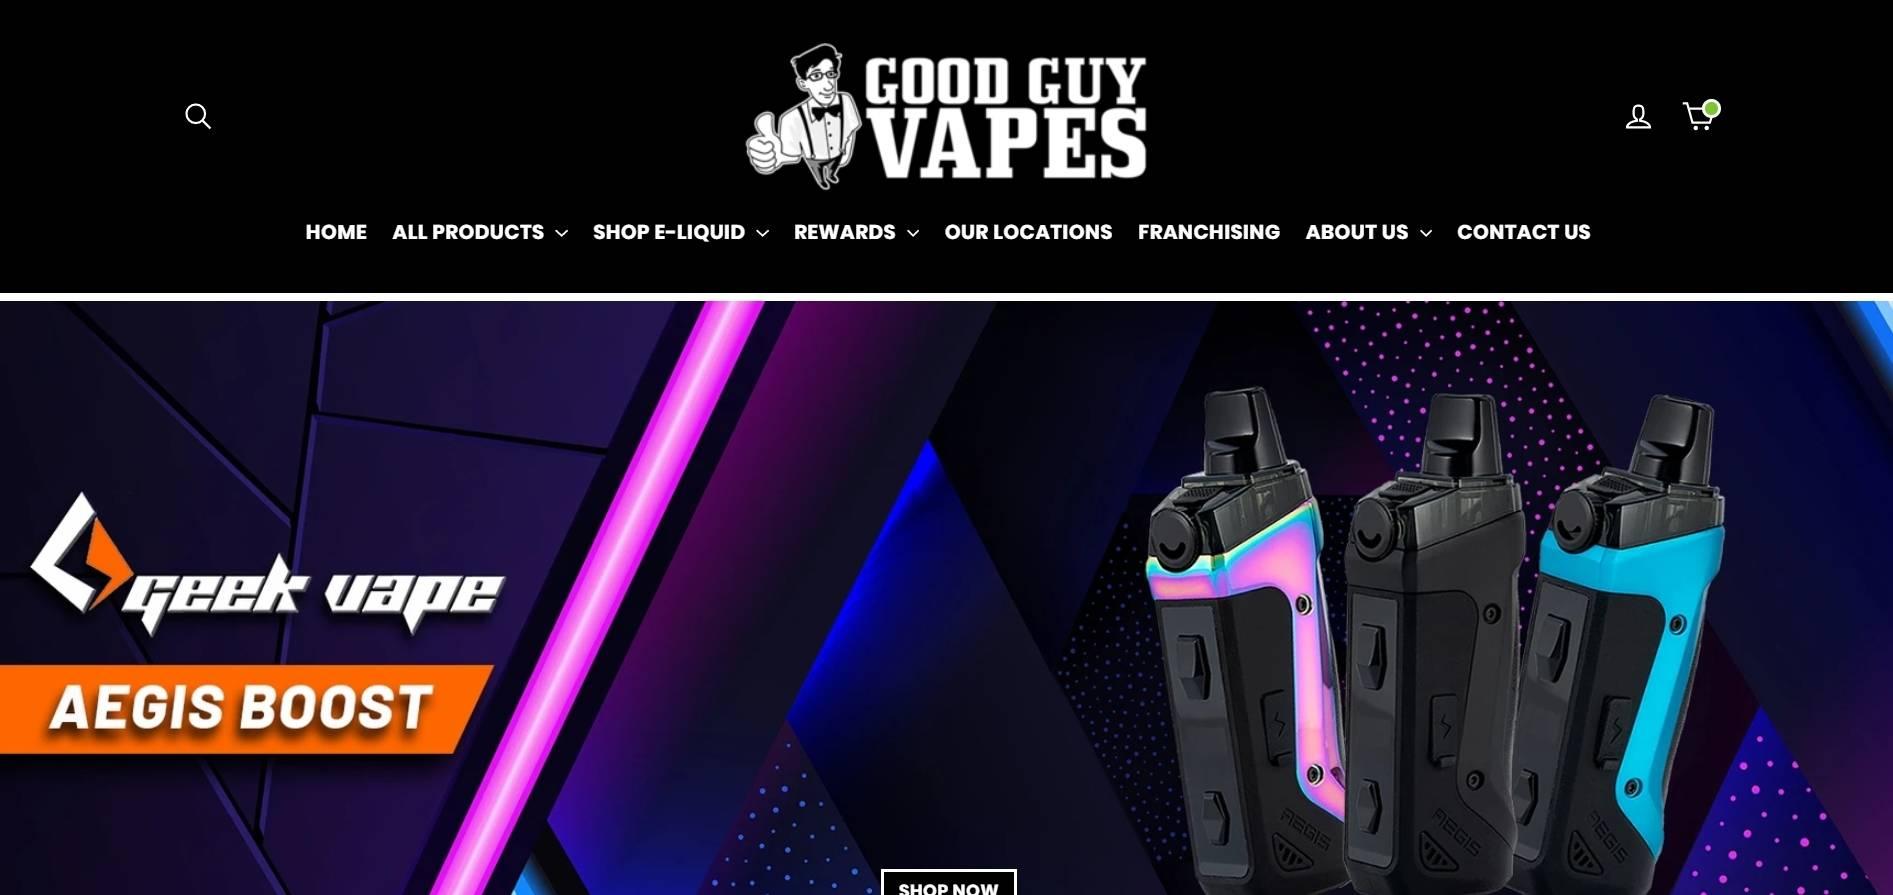 Good Guy Vapes